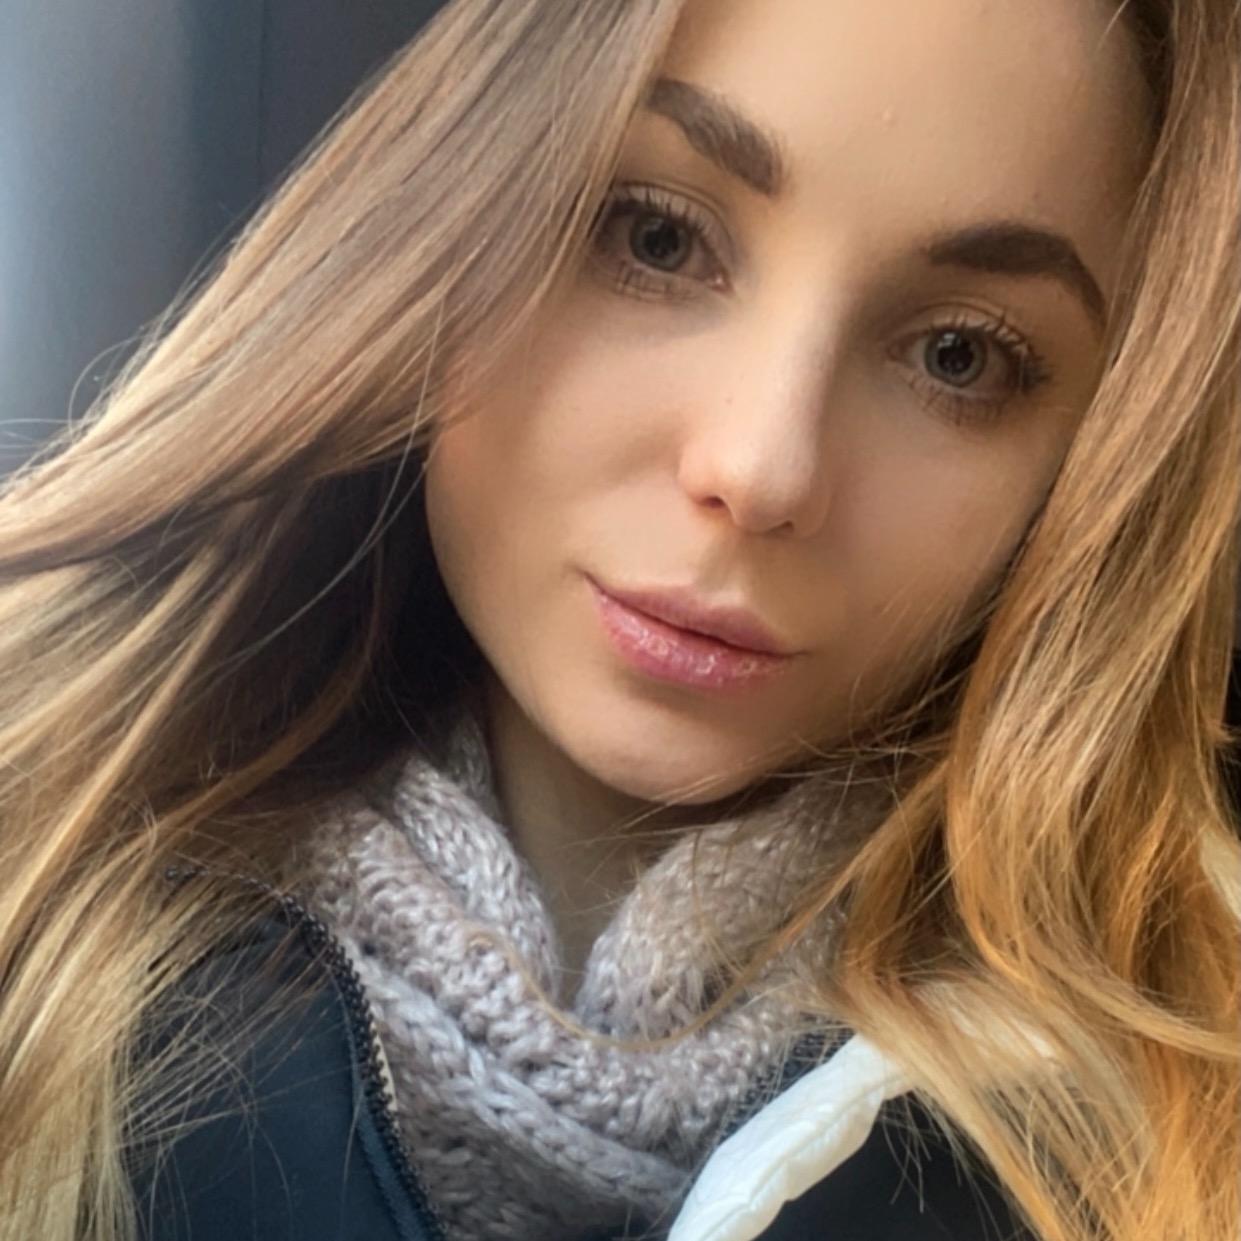 yuliavkusno